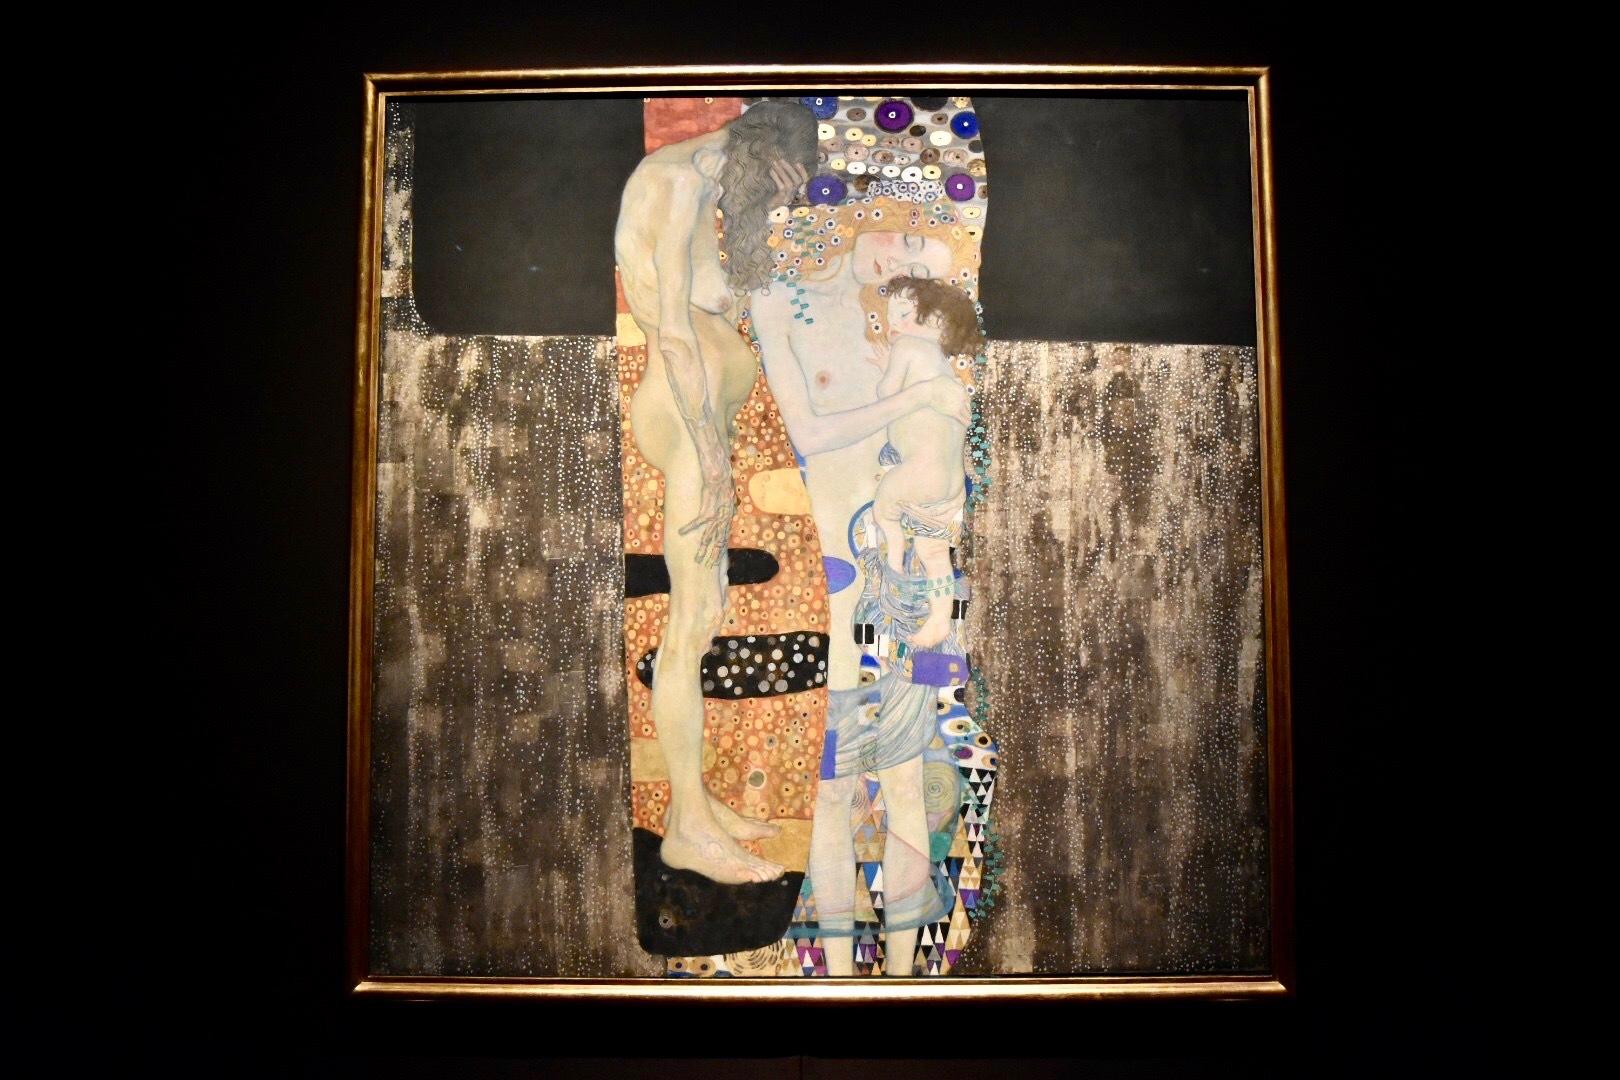 グスタフ・クリムト 《女の三世代》 1905年 ローマ国立近代美術館蔵